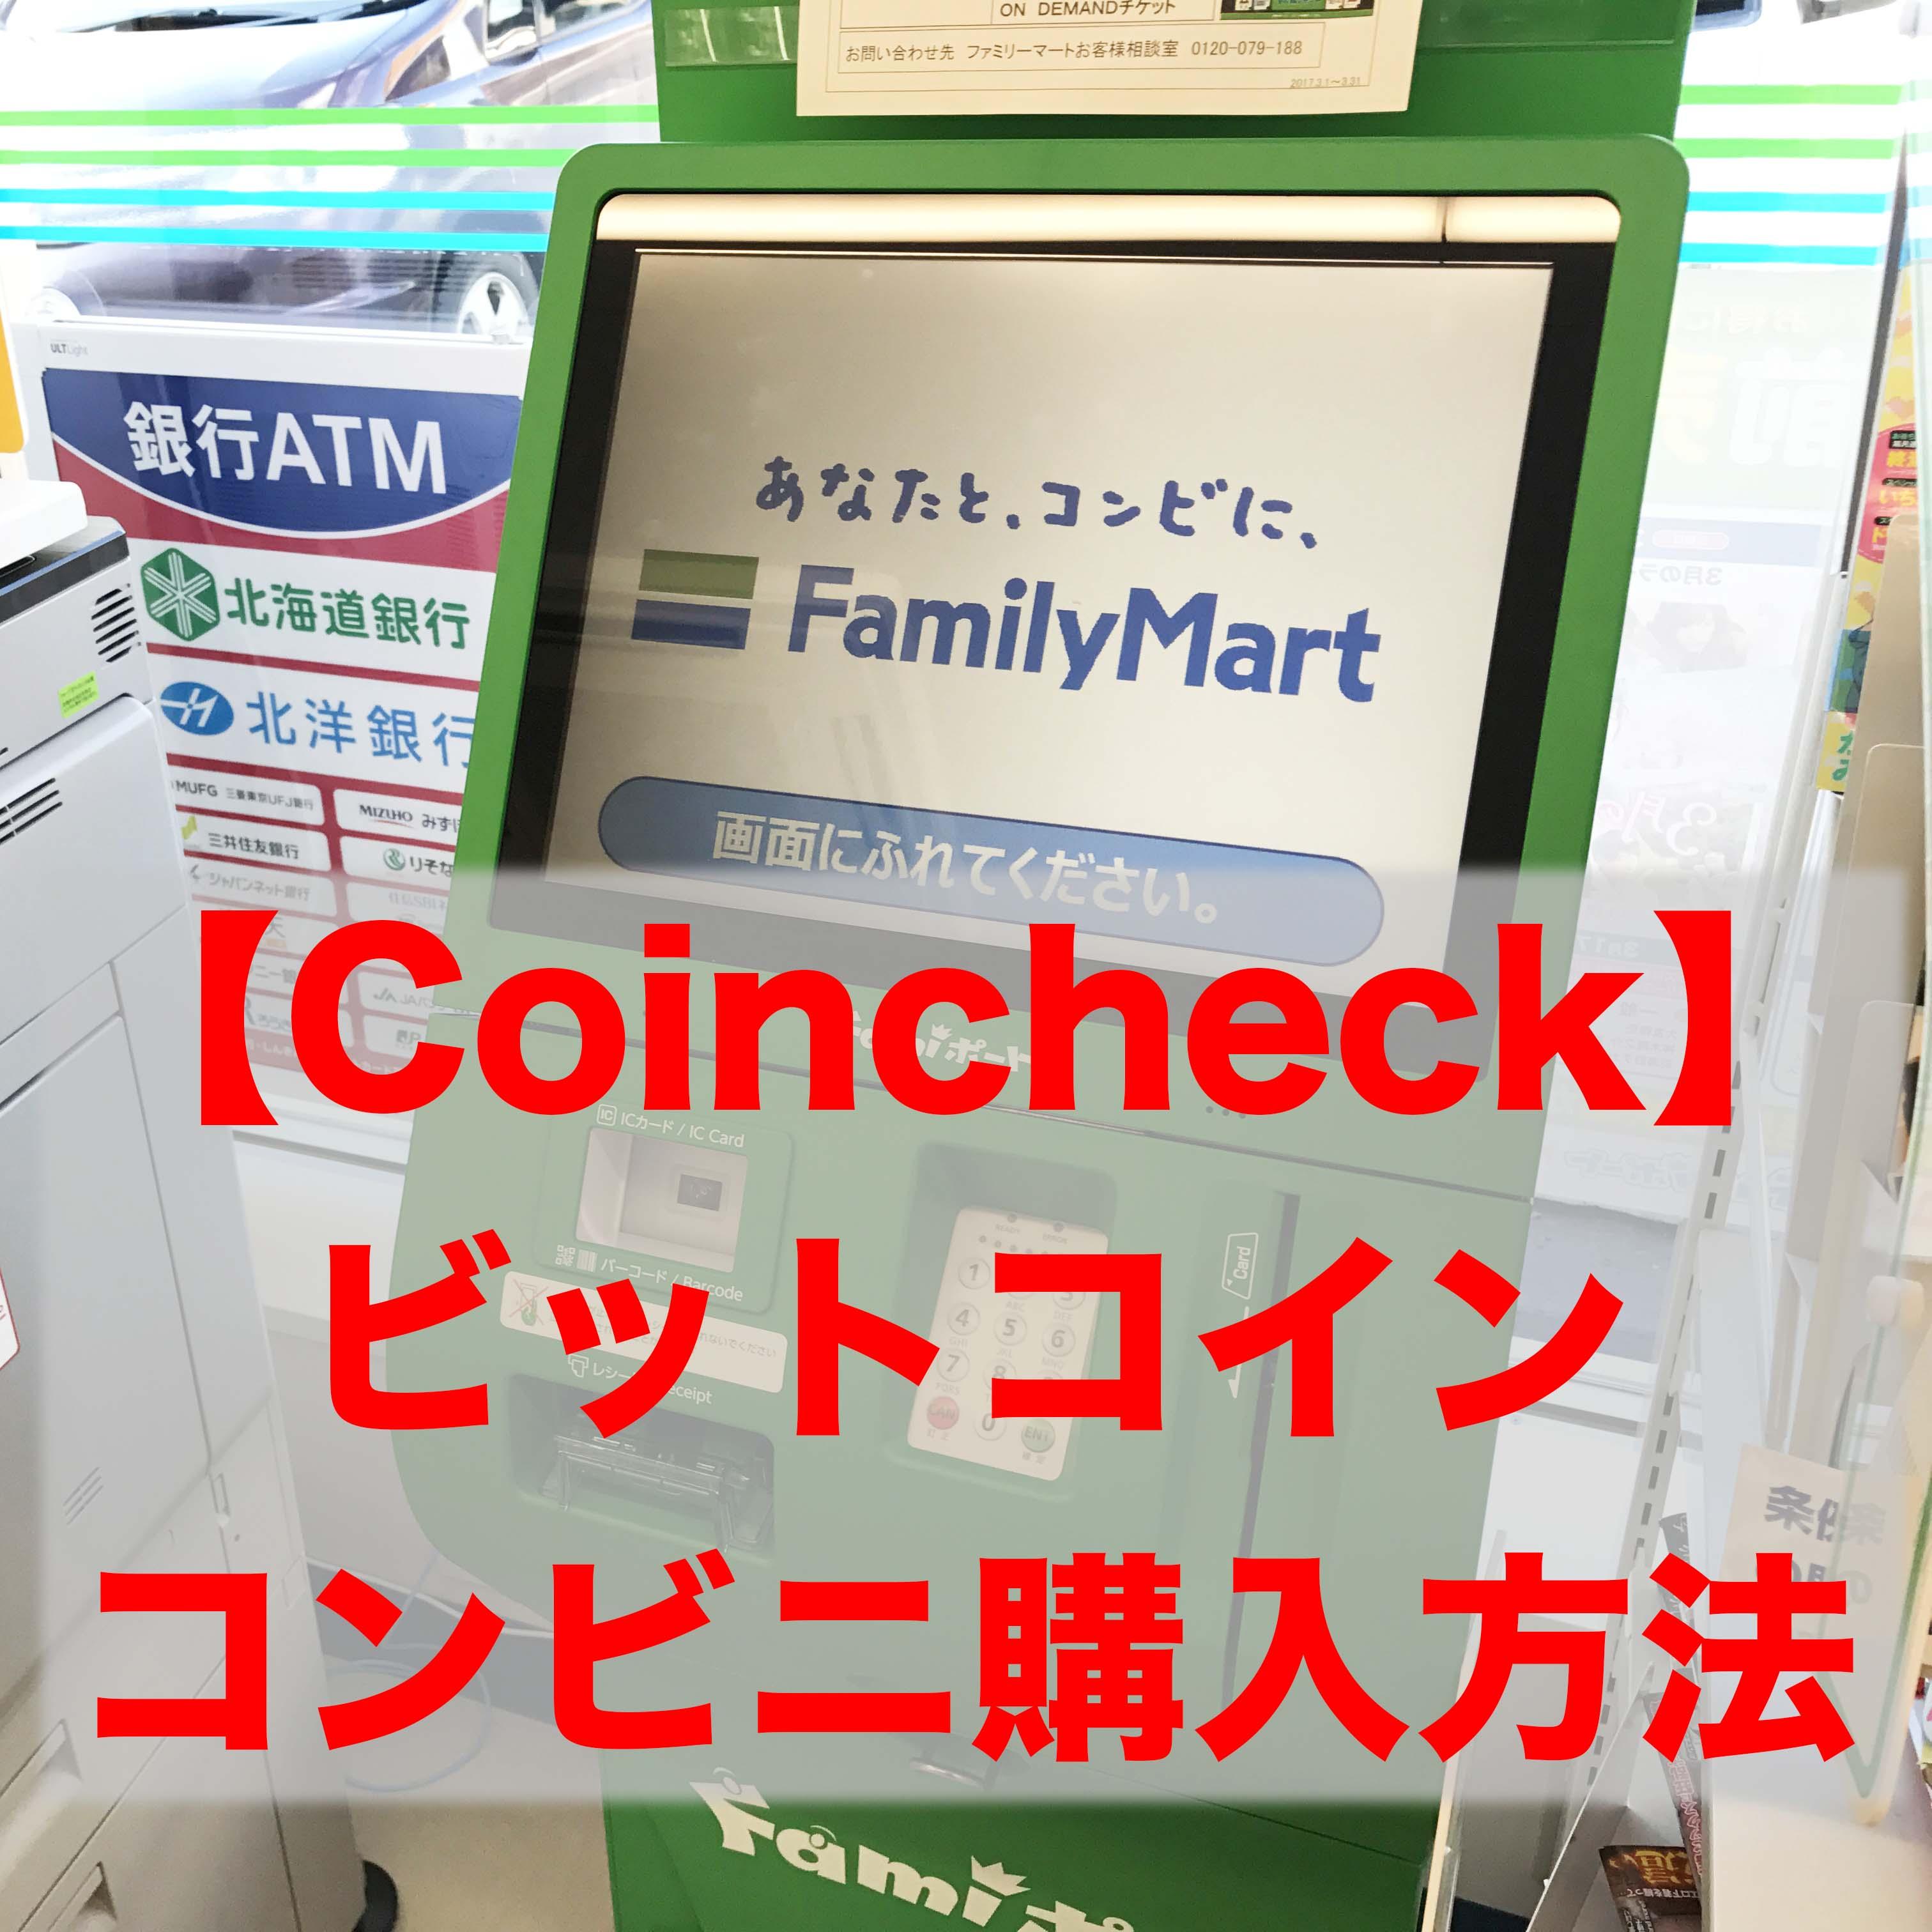 【Coincheck】コンビニ払いでビットコインを購入する方法